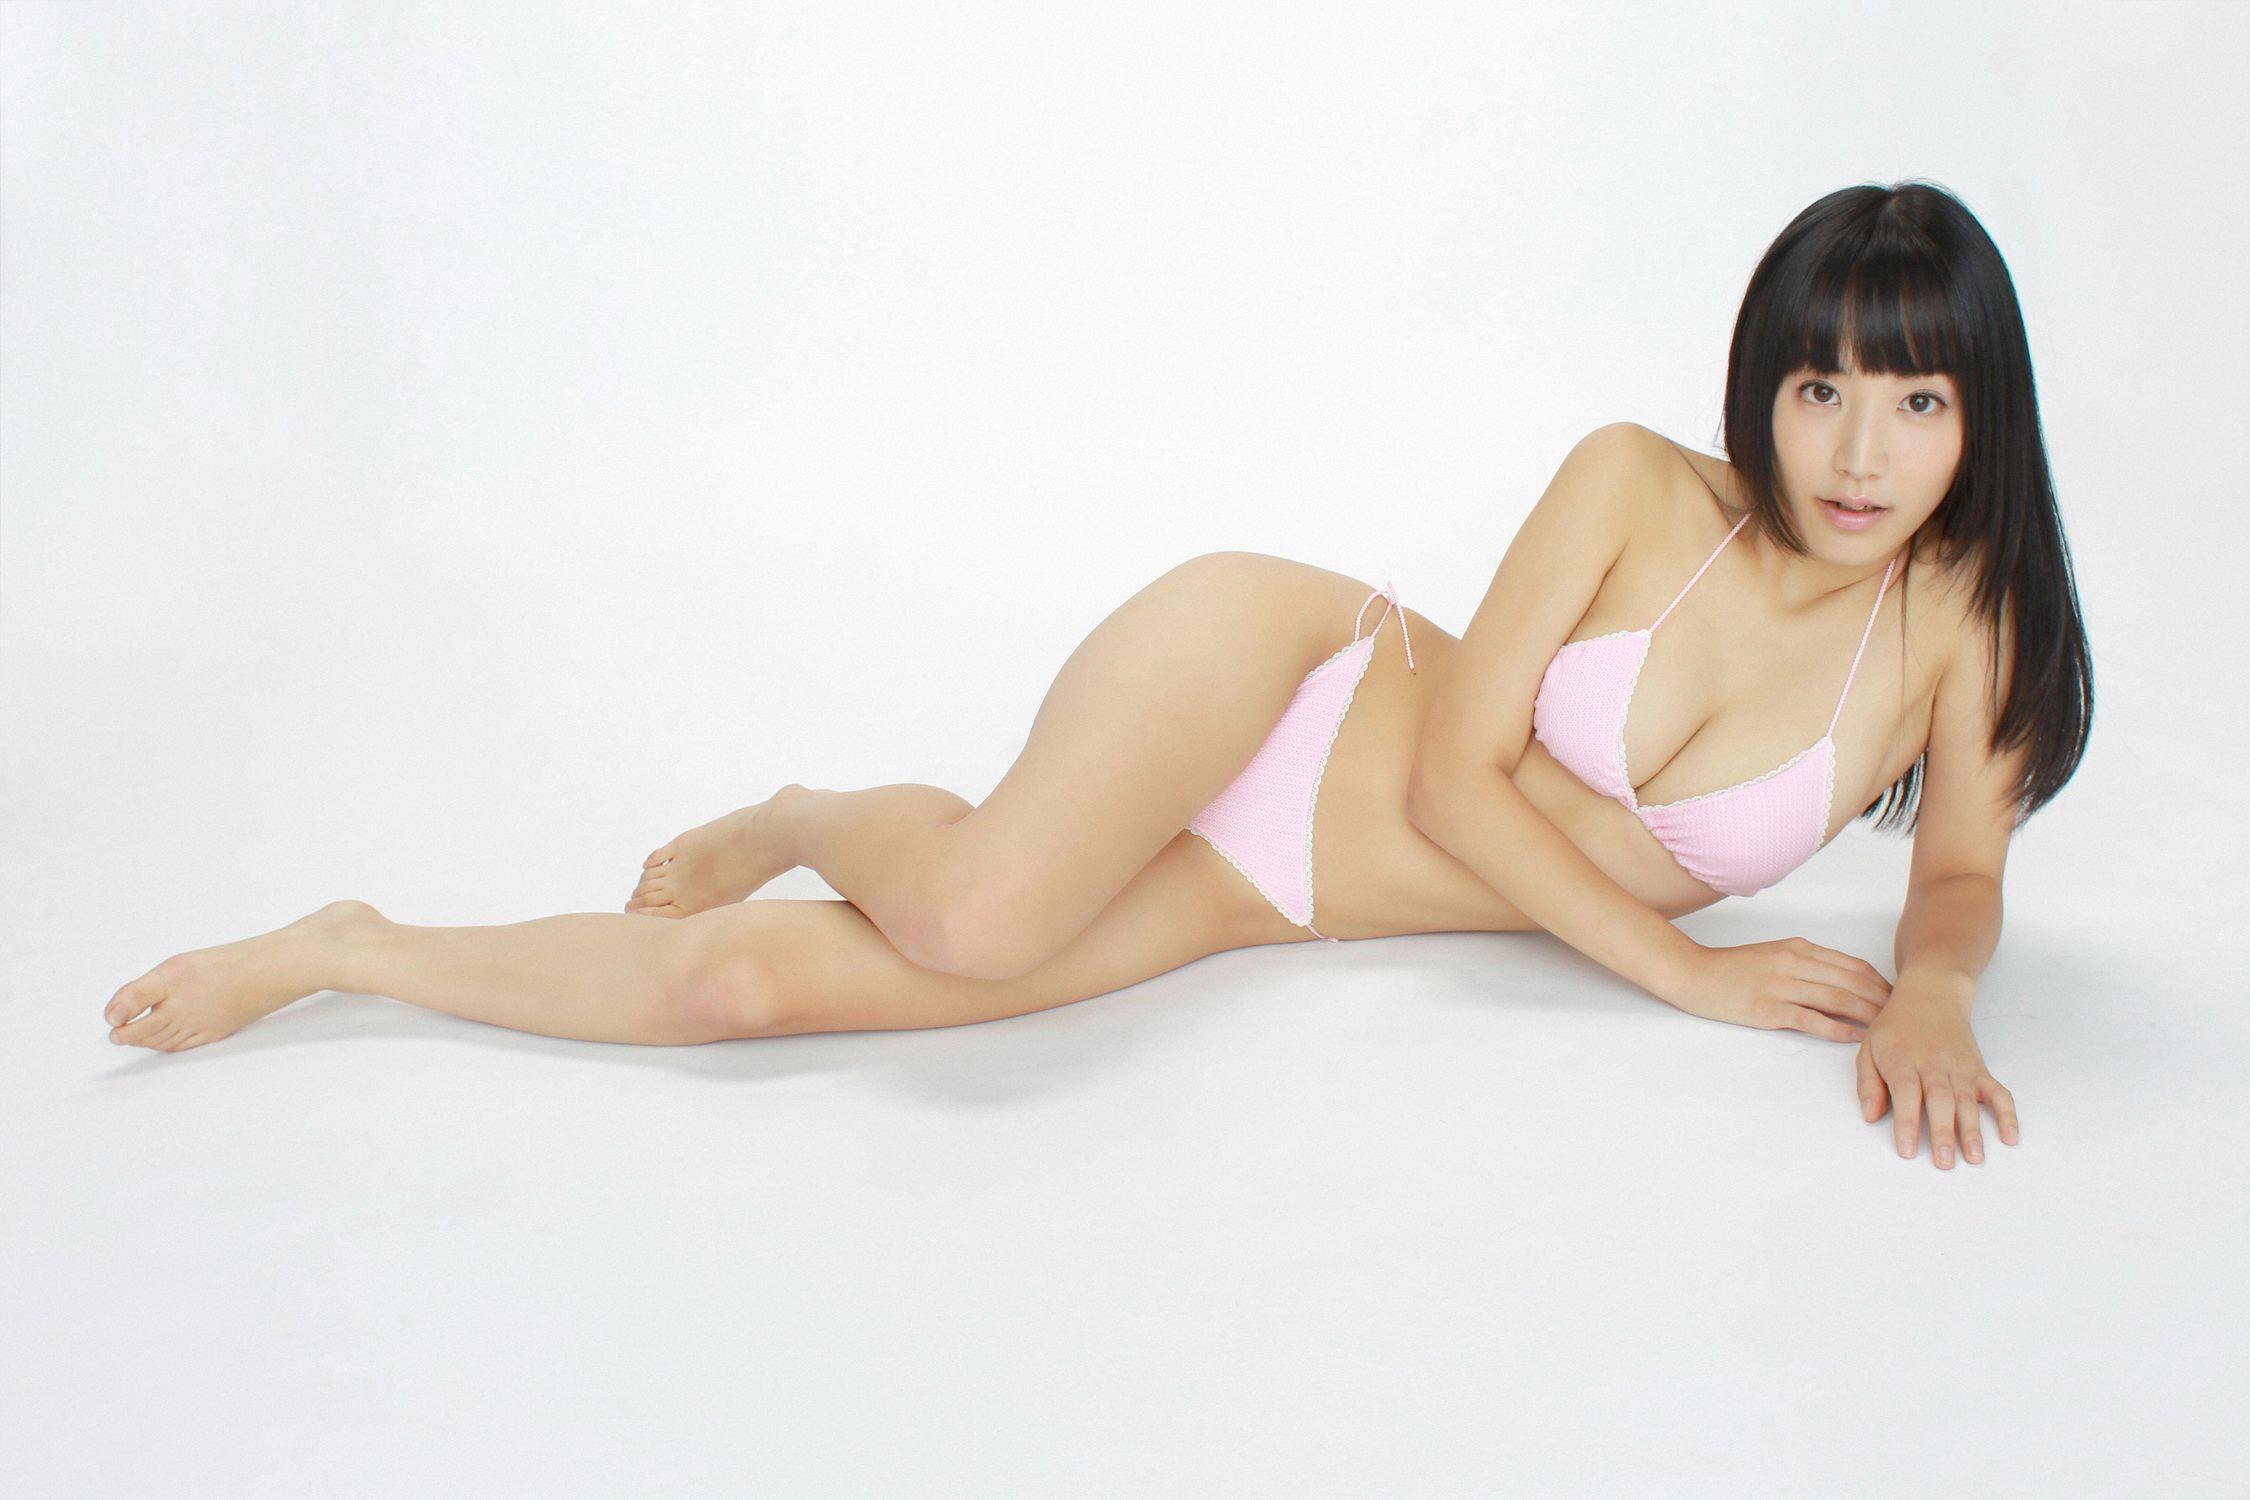 浜田由梨 画像 37